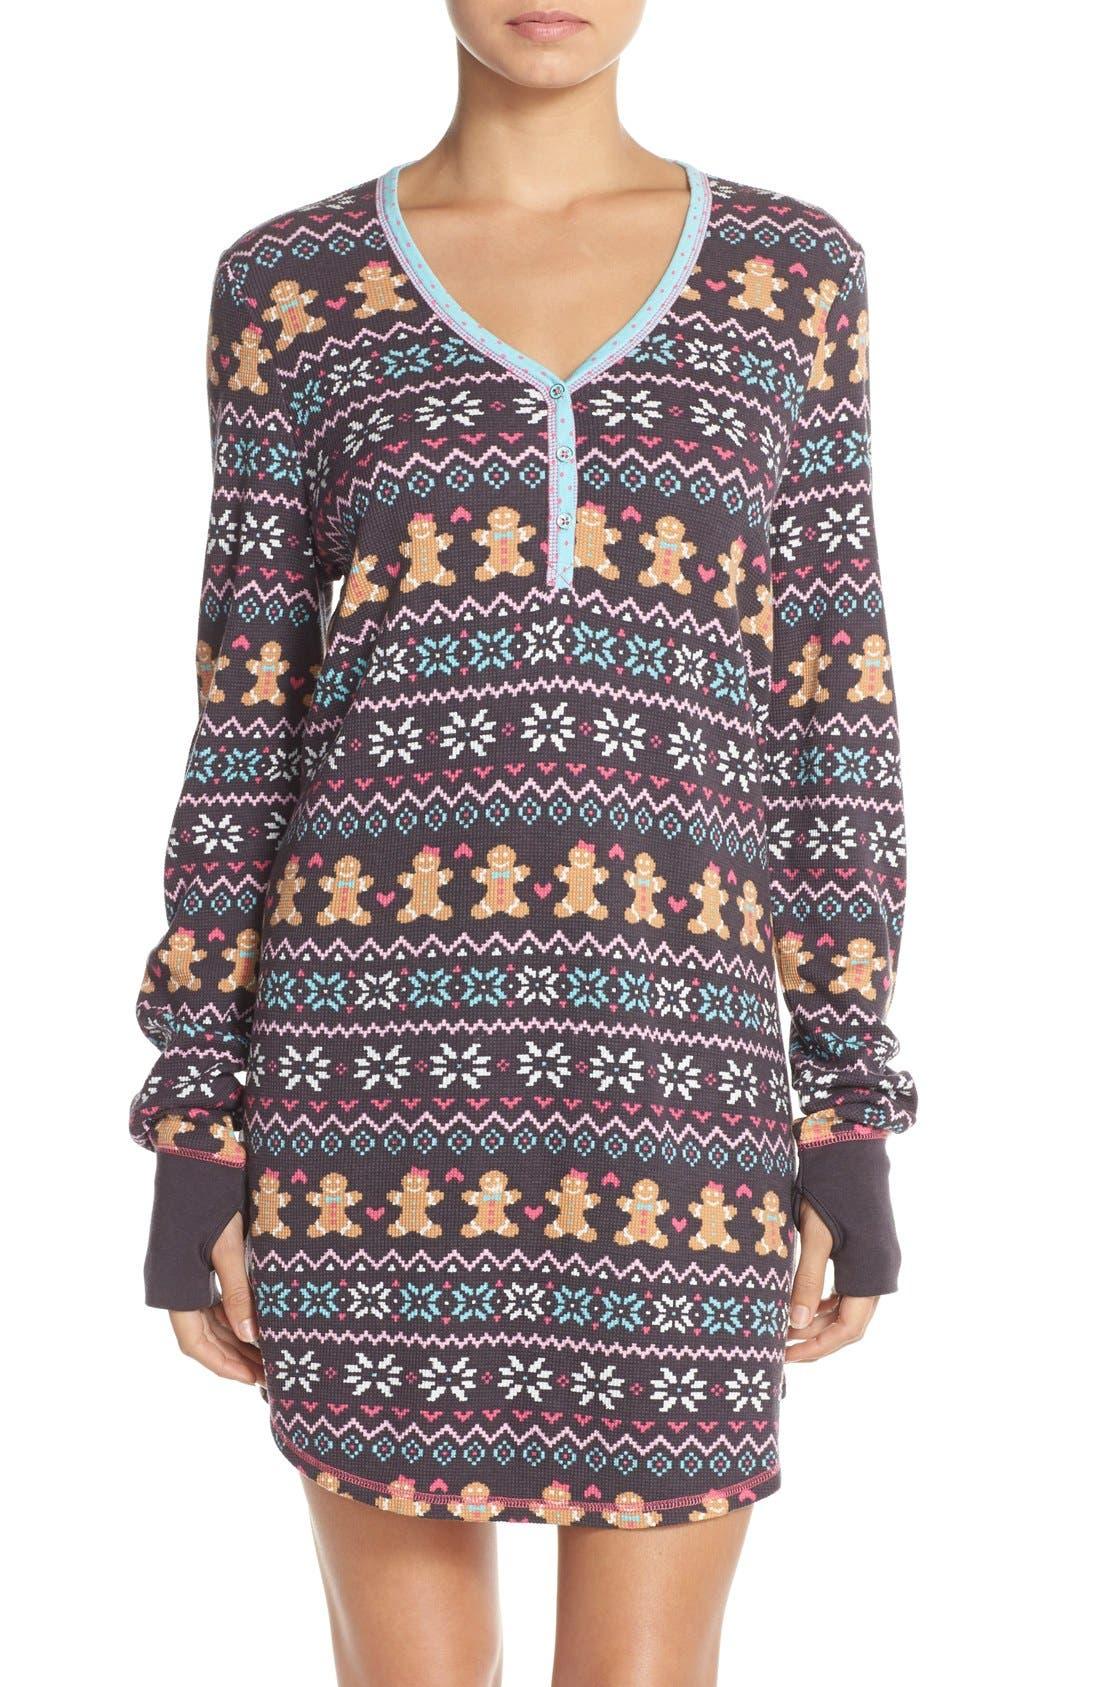 Thermal Knit Sleep Shirt,                             Main thumbnail 1, color,                             011